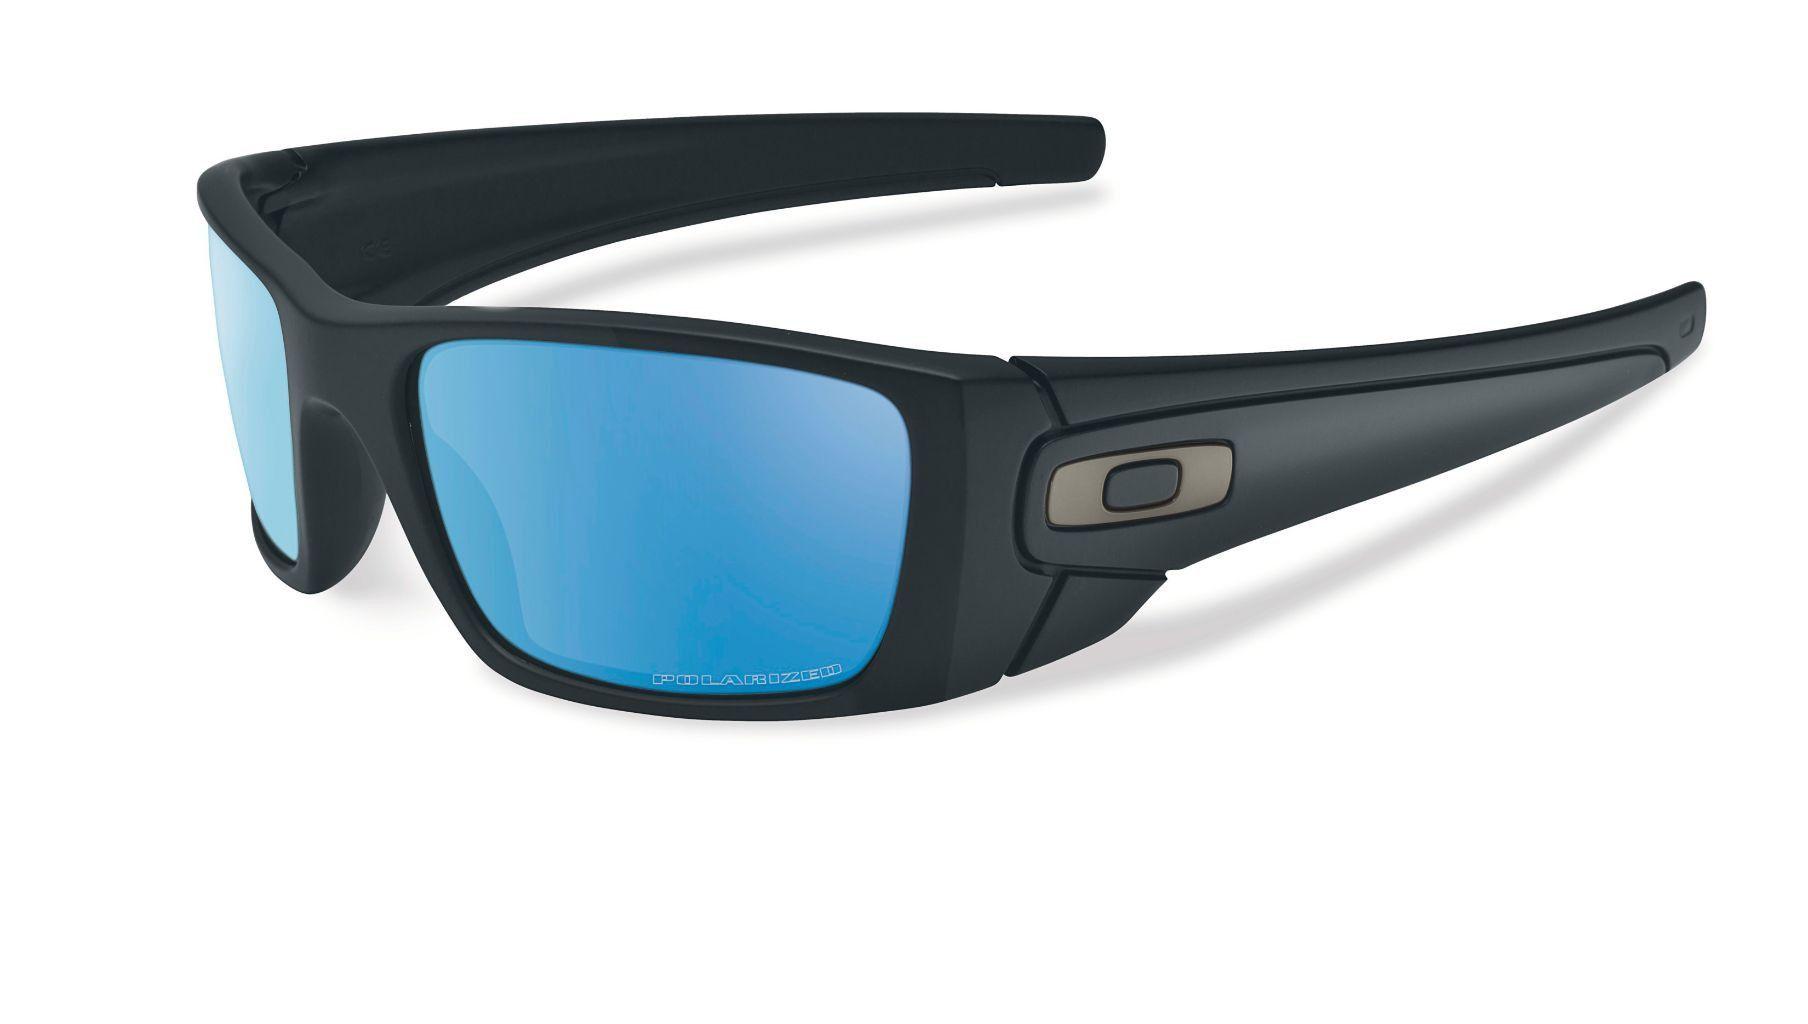 22d032cb7ff69 Óculos De Sol Polarizados · Quadros · Templos · Preto Matte · Lentes ·  Sobrevivência · Oakley Fuel Cell Sunglasses